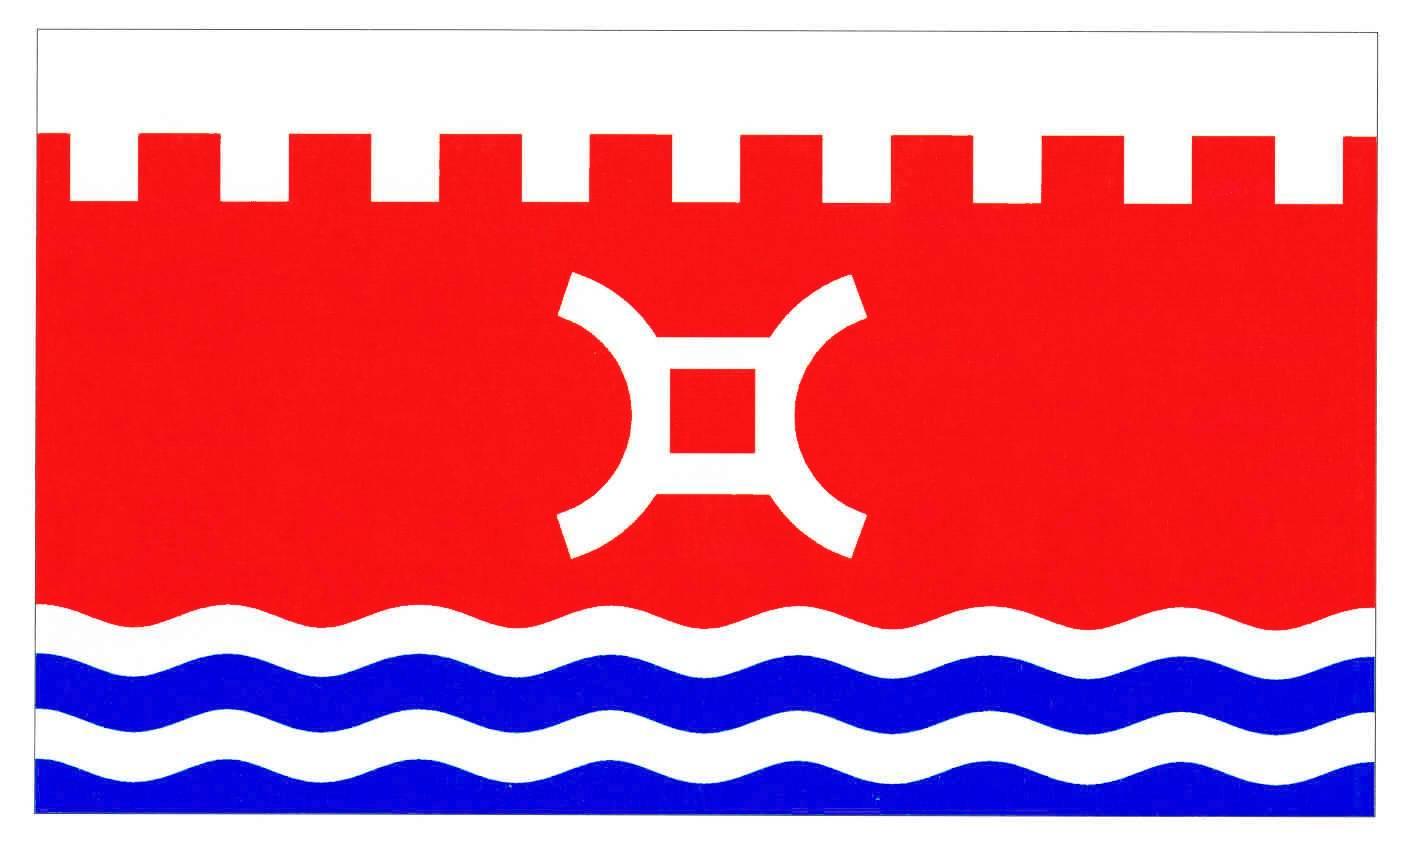 Flagge GemeindeQuarnbek, Kreis Rendsburg-Eckernförde